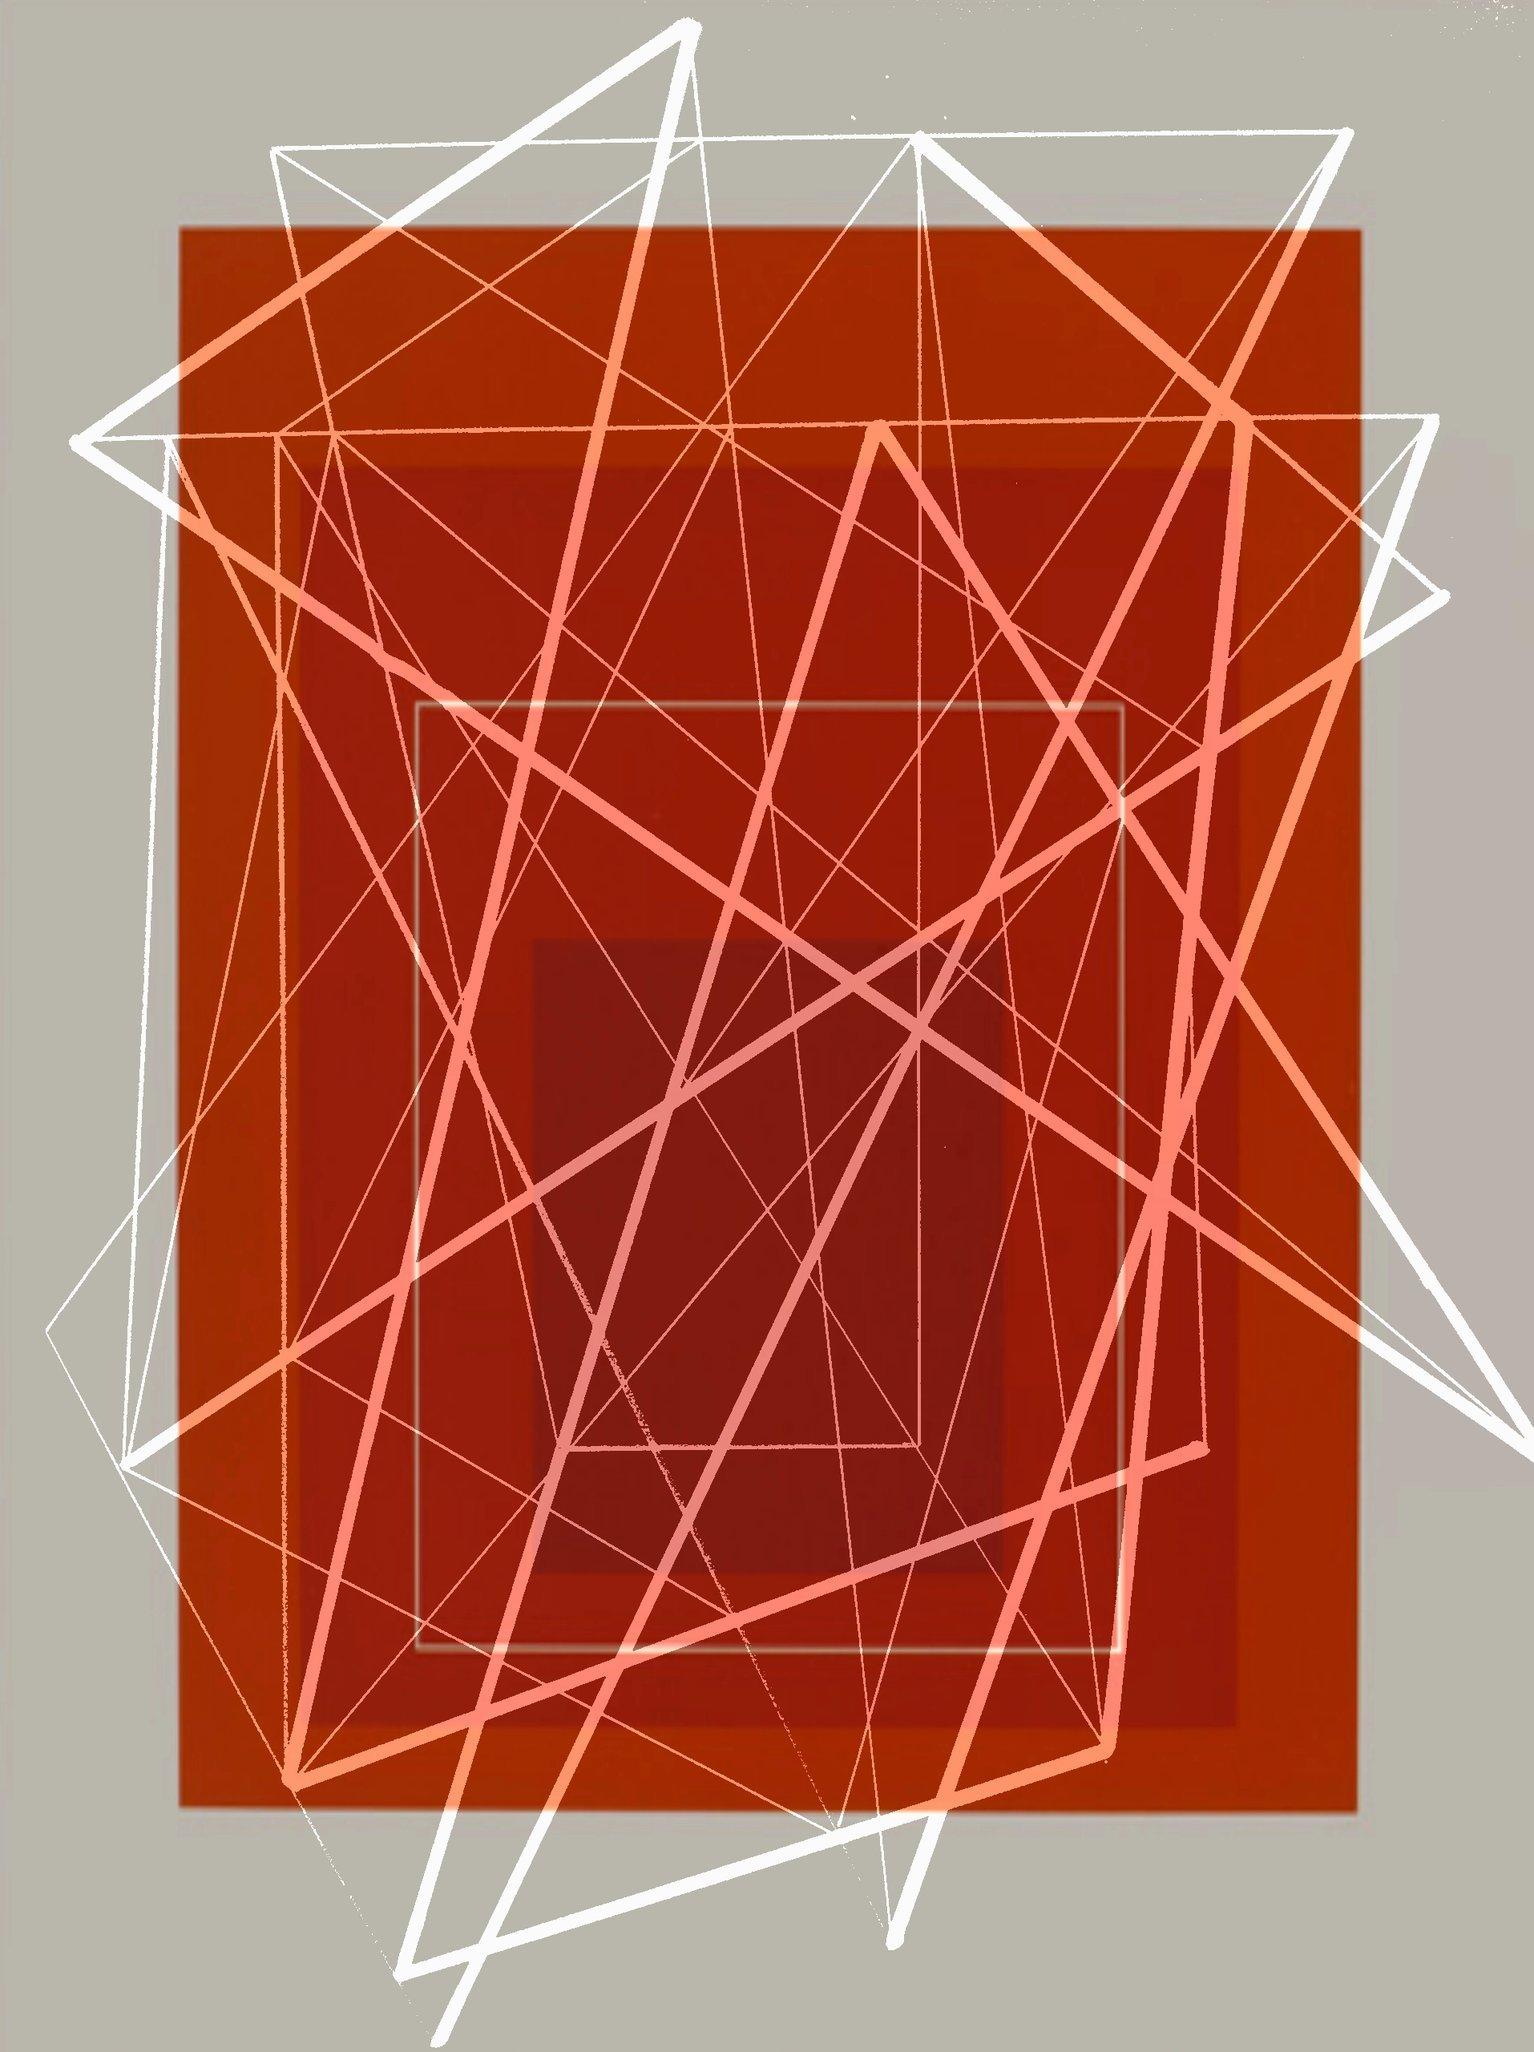 IMG_5613 merge AHS russet.jpg